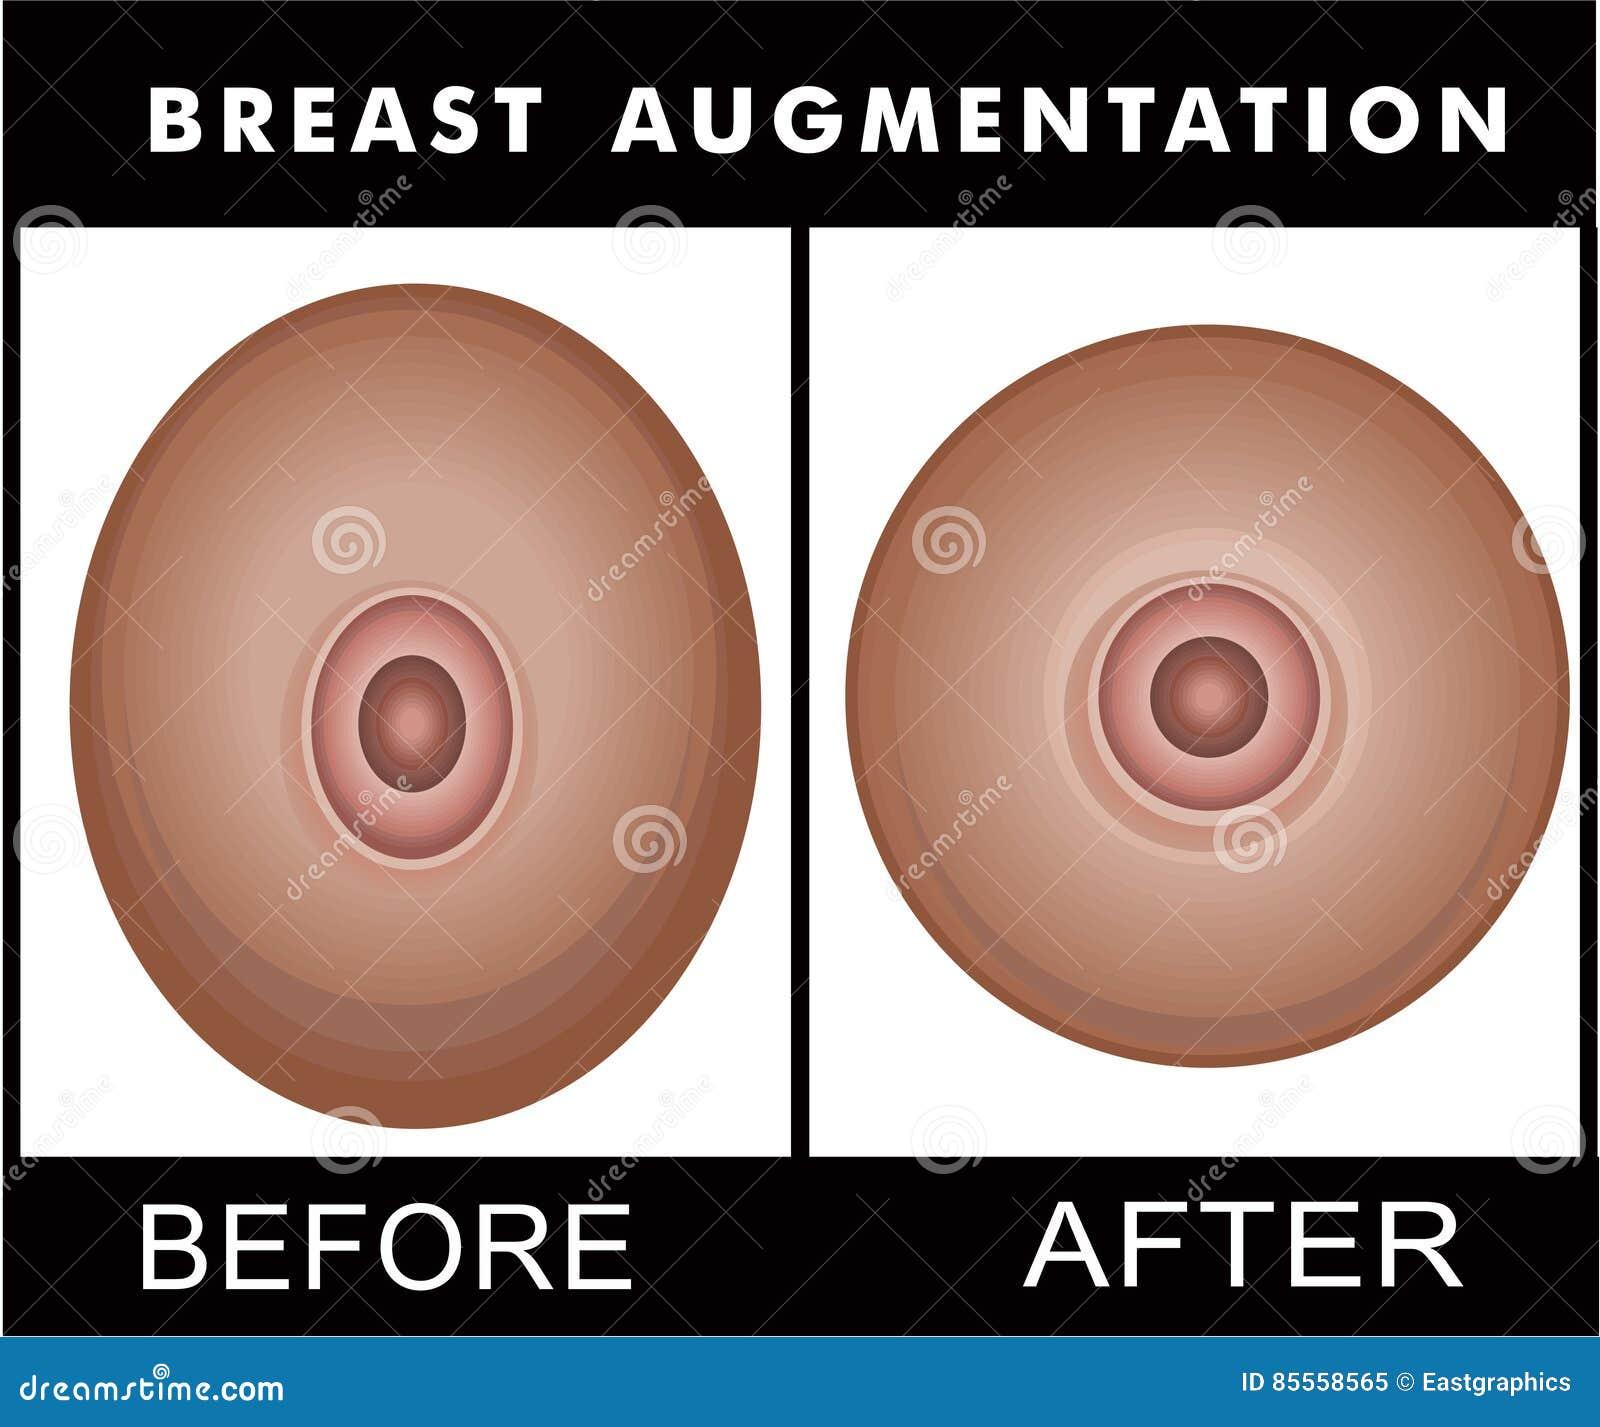 Brust-Vermehrung vorher und nachher